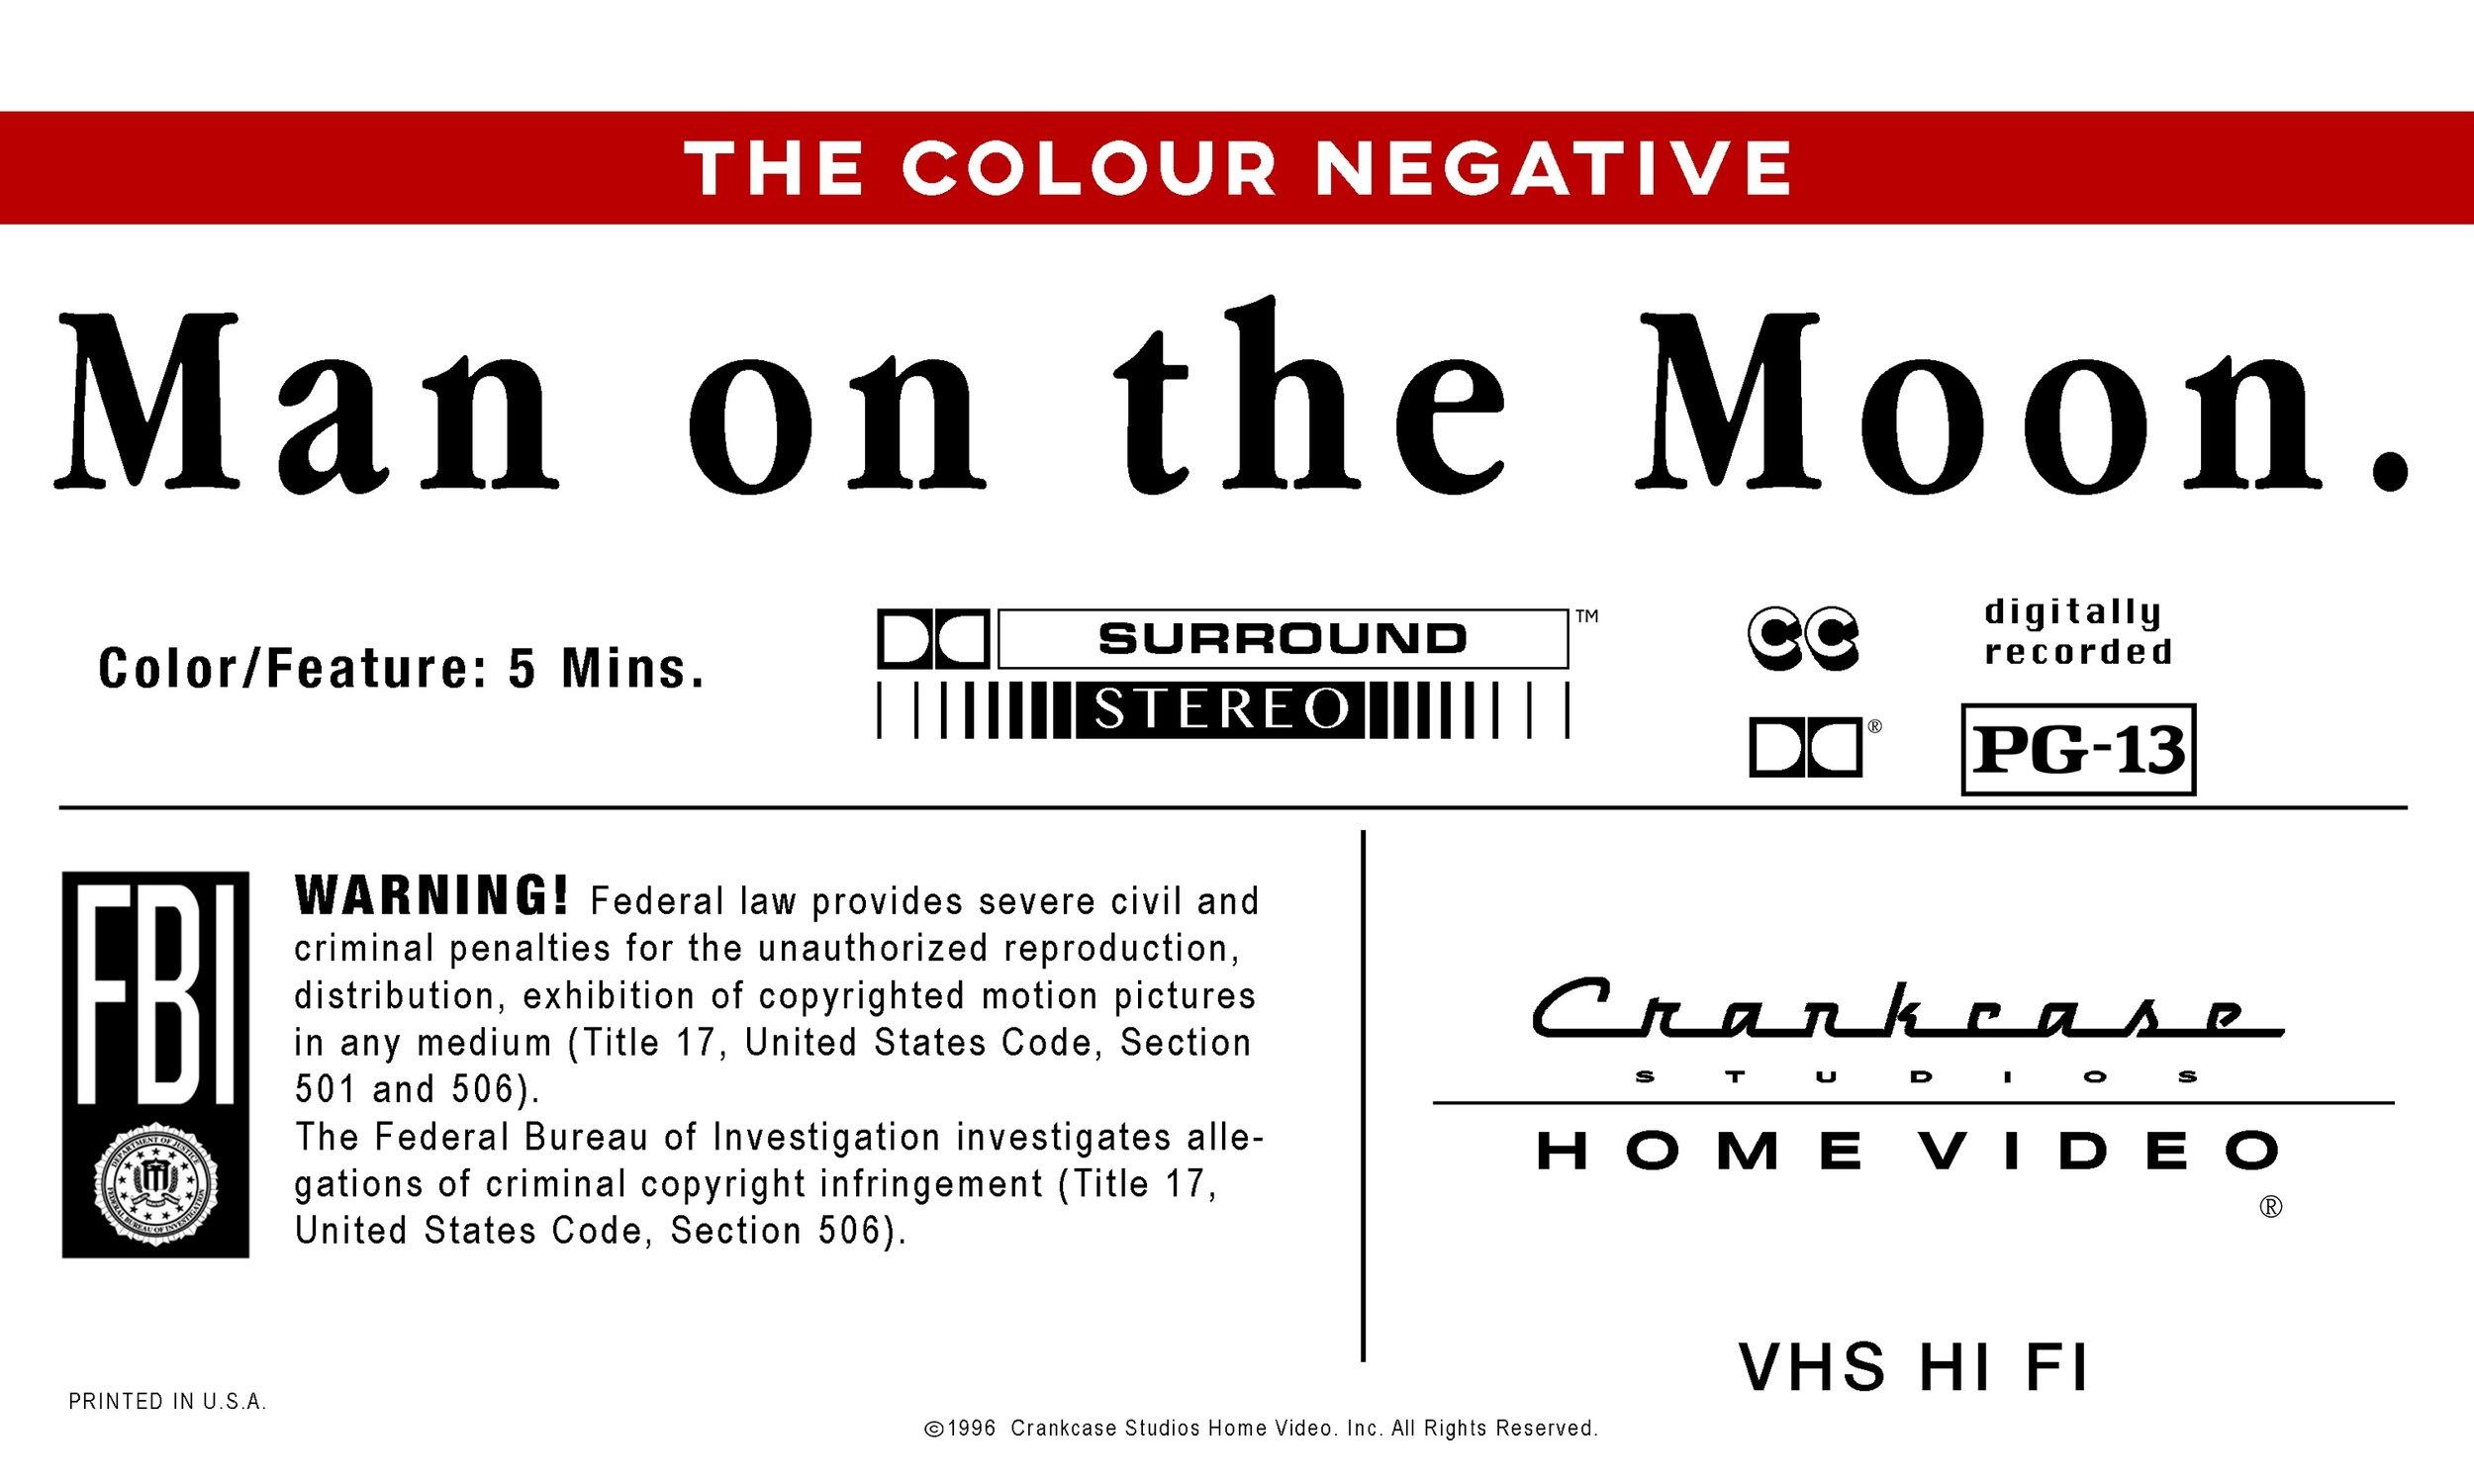 VHS_MOTM.jpg.jpeg